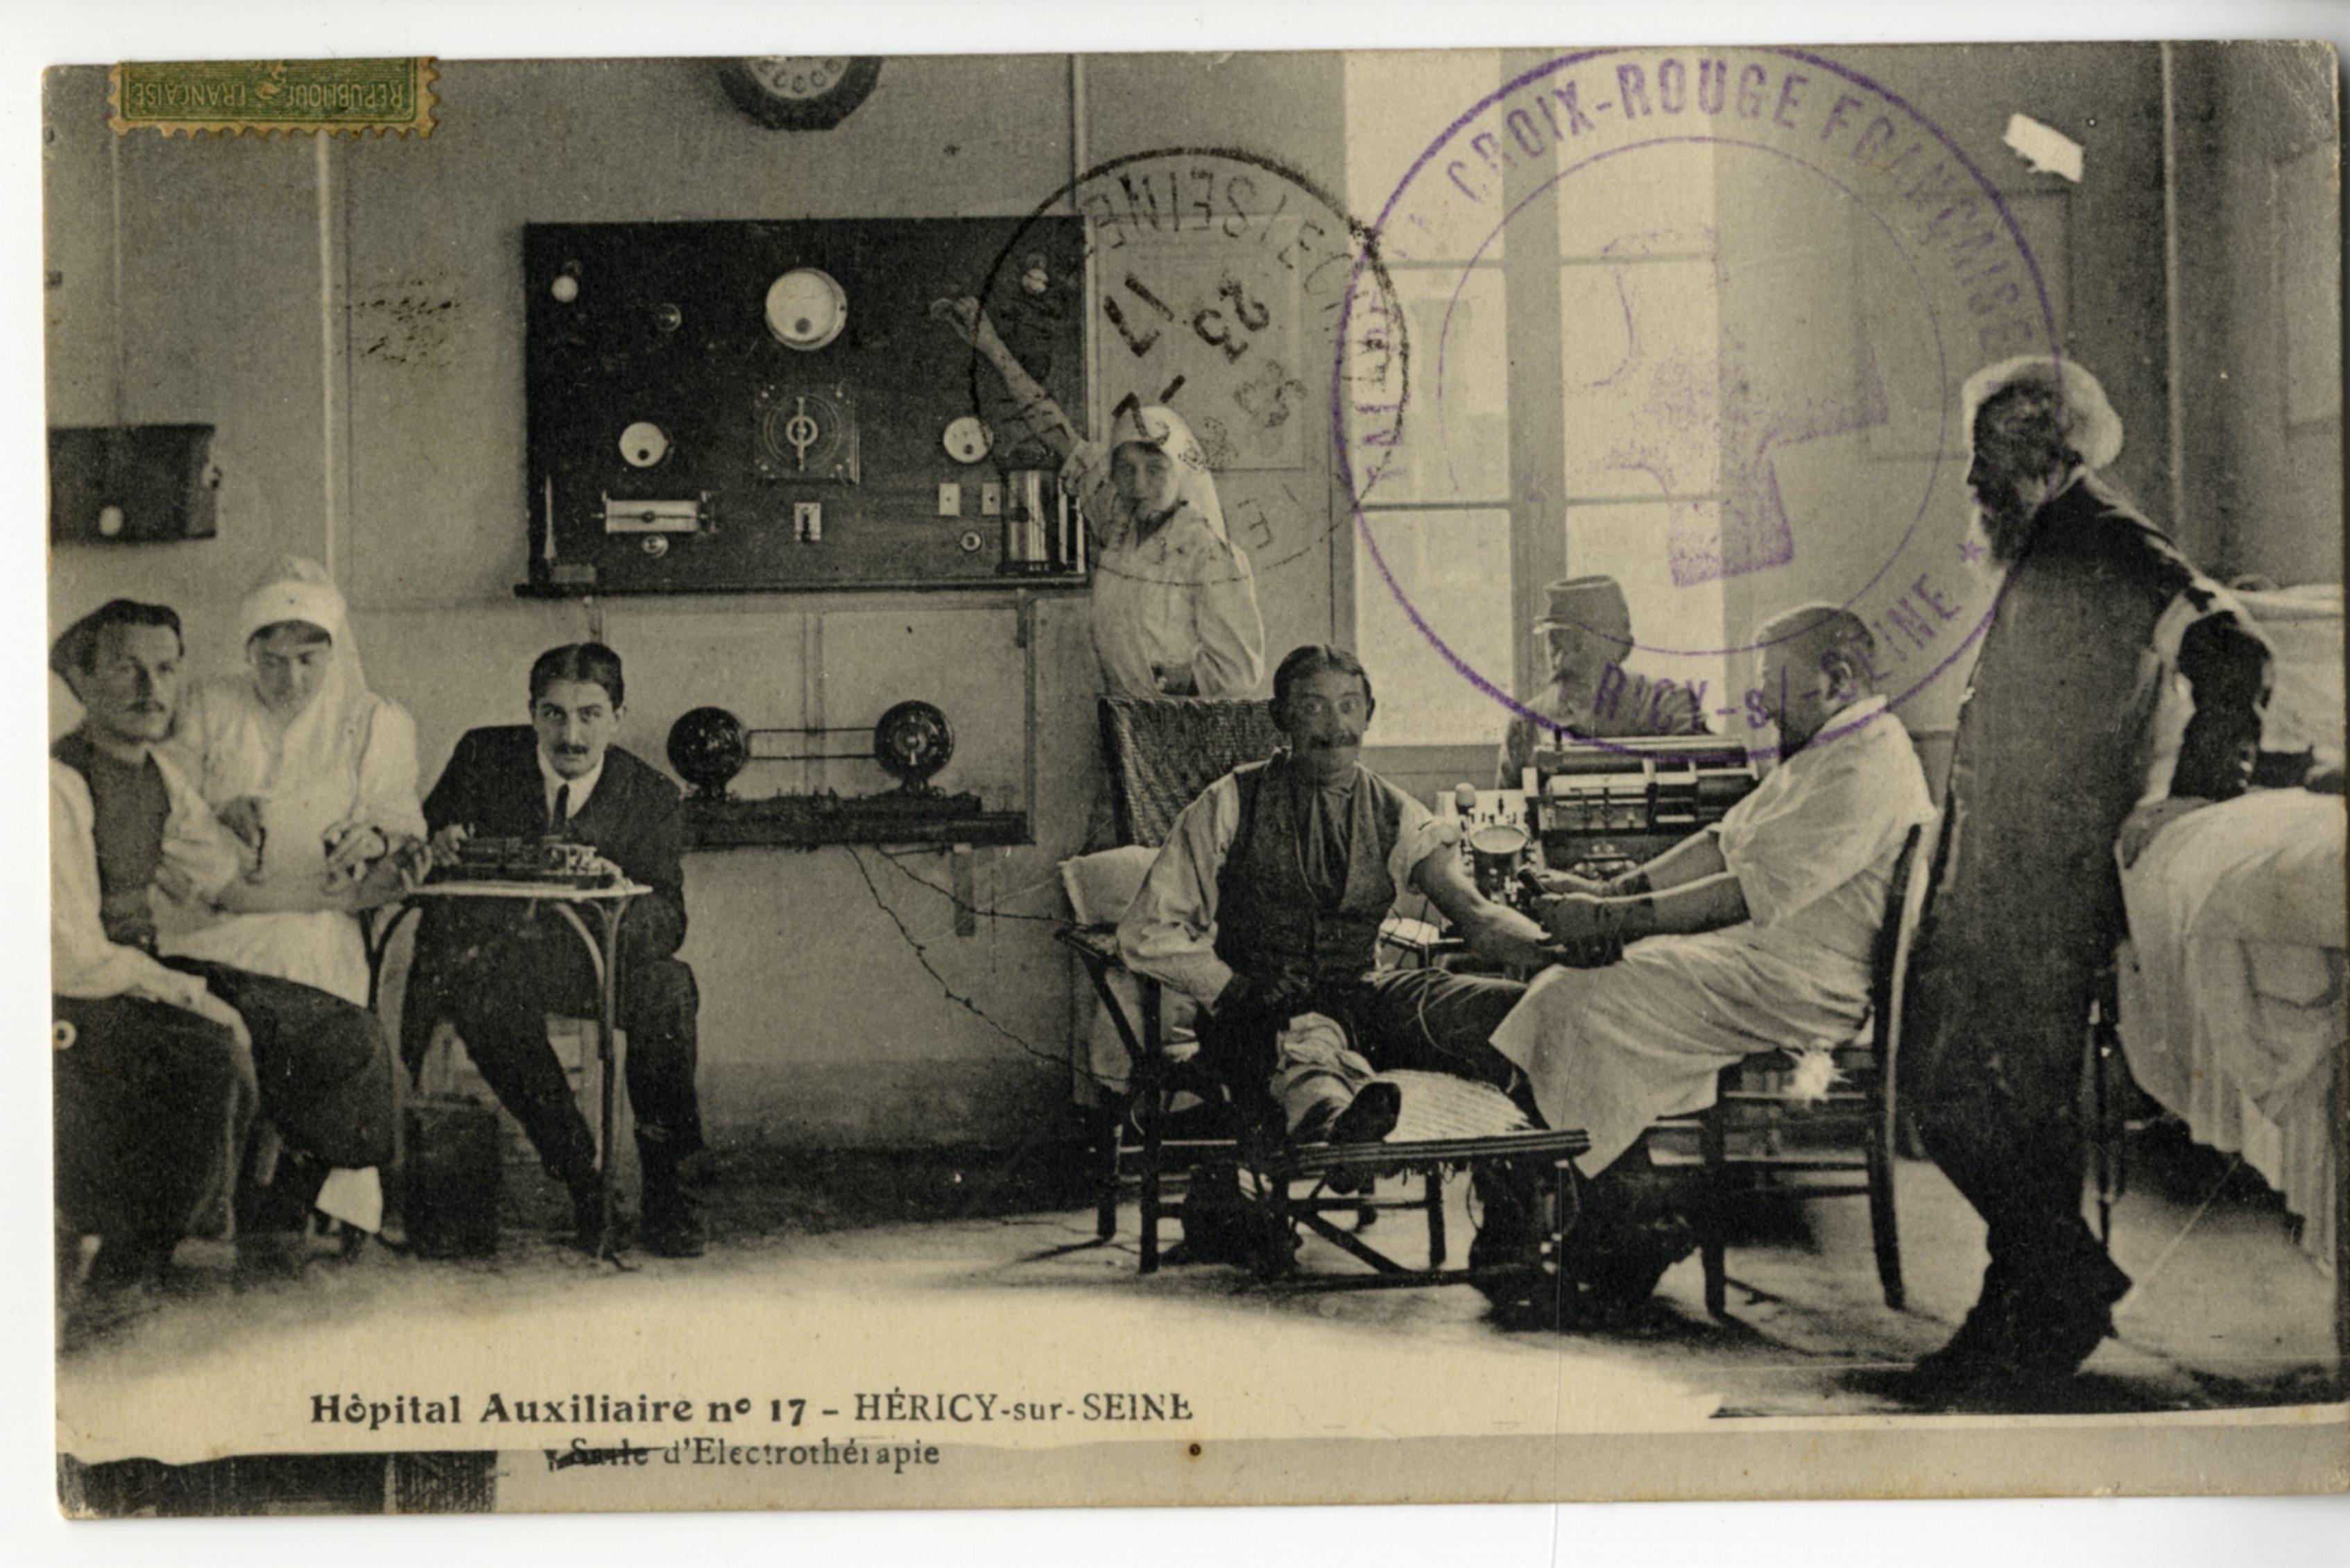 Hôpital auxiliaire d'Héricy : P. Vivier à droite debout.